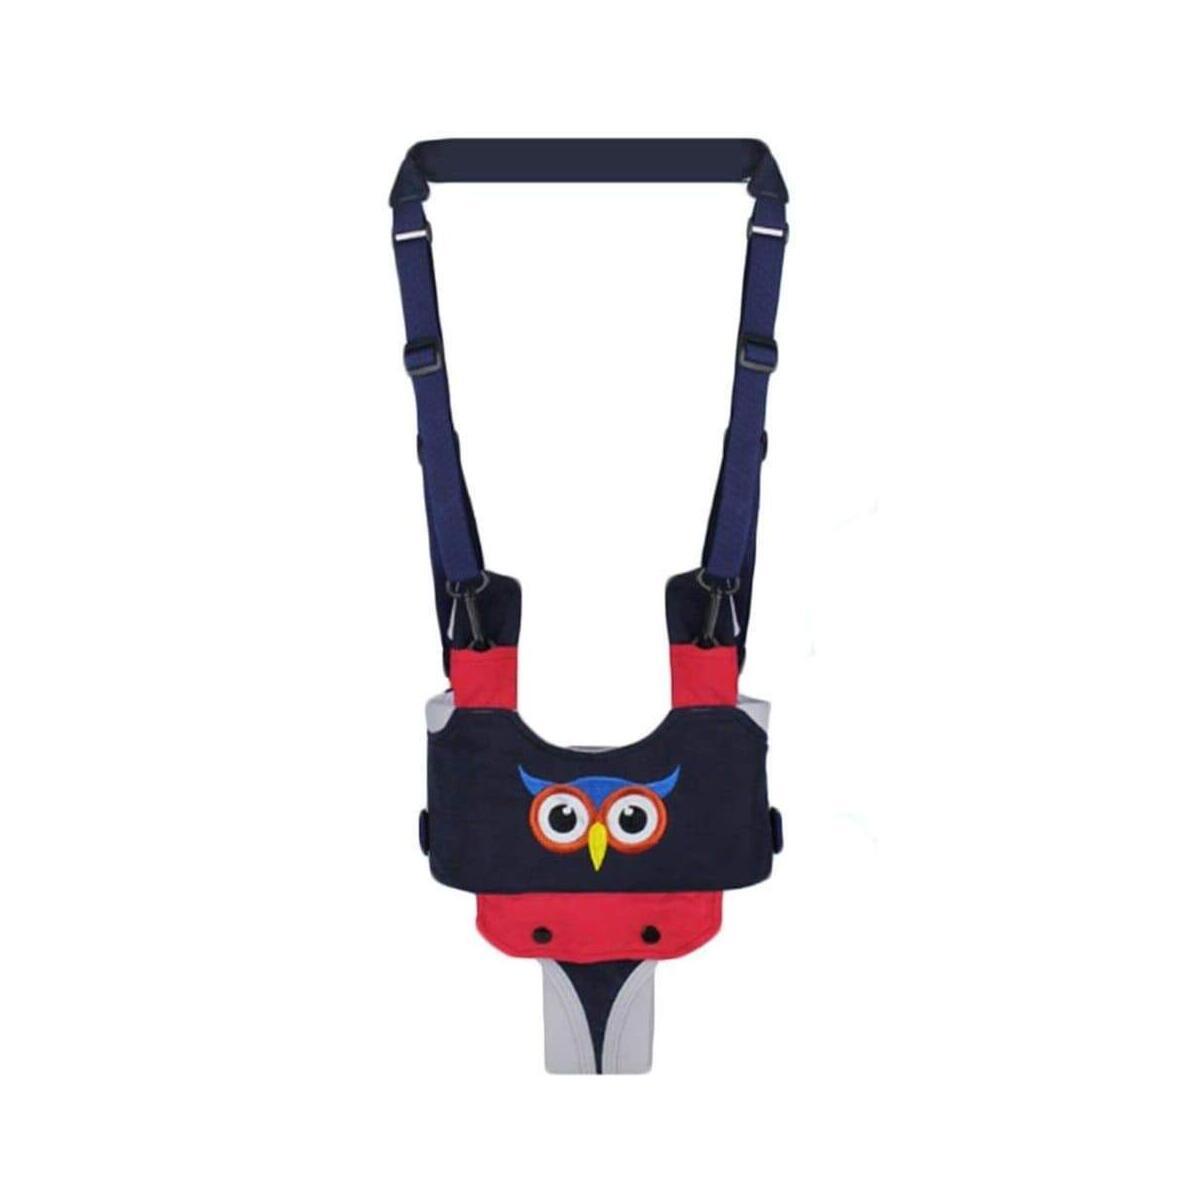 Raising Baby Toddler Belt Safe Easy Walking Toddler Walking Harness Wings